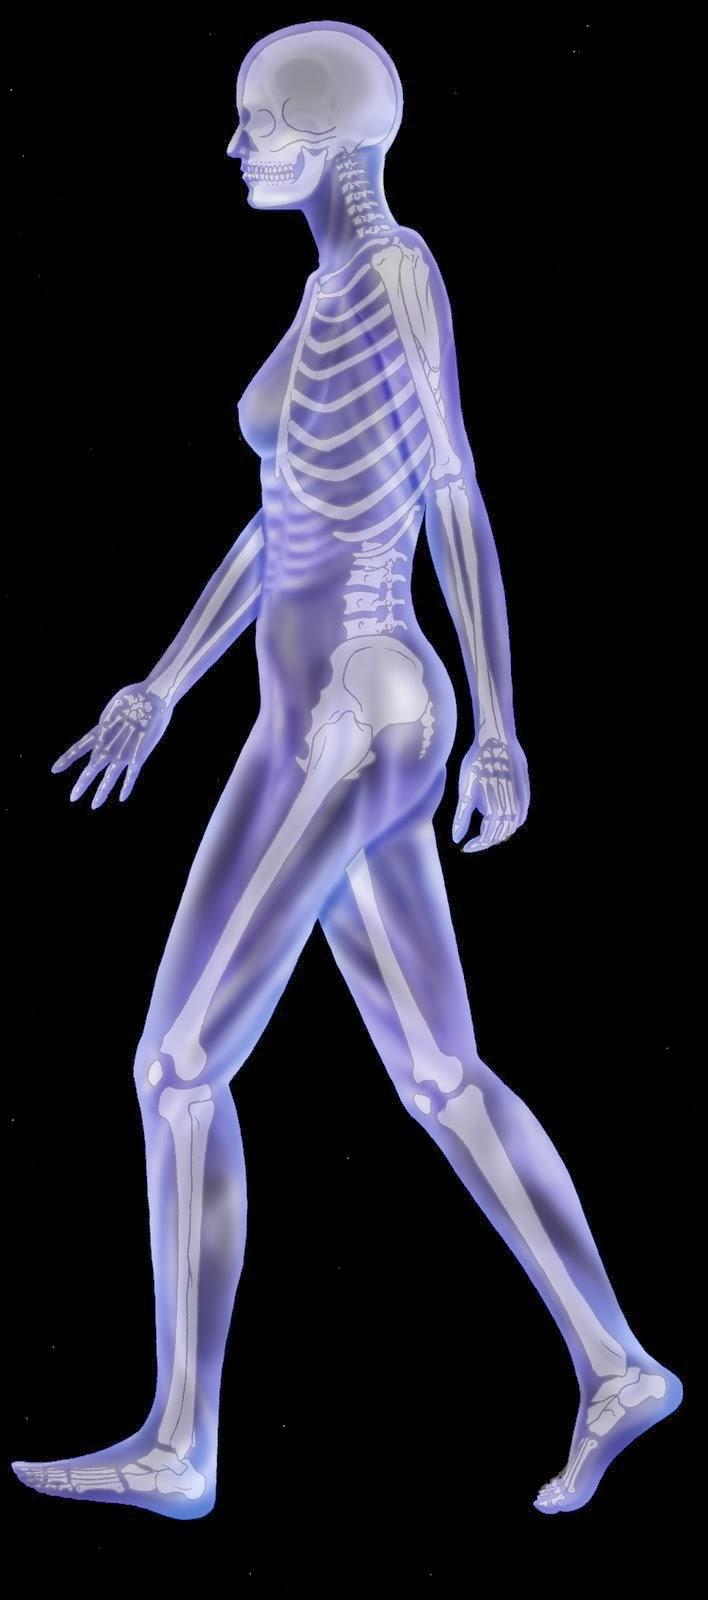 Anatomía Radiológica : Anatomía Radiológica y Los Músculos Esqueléticos